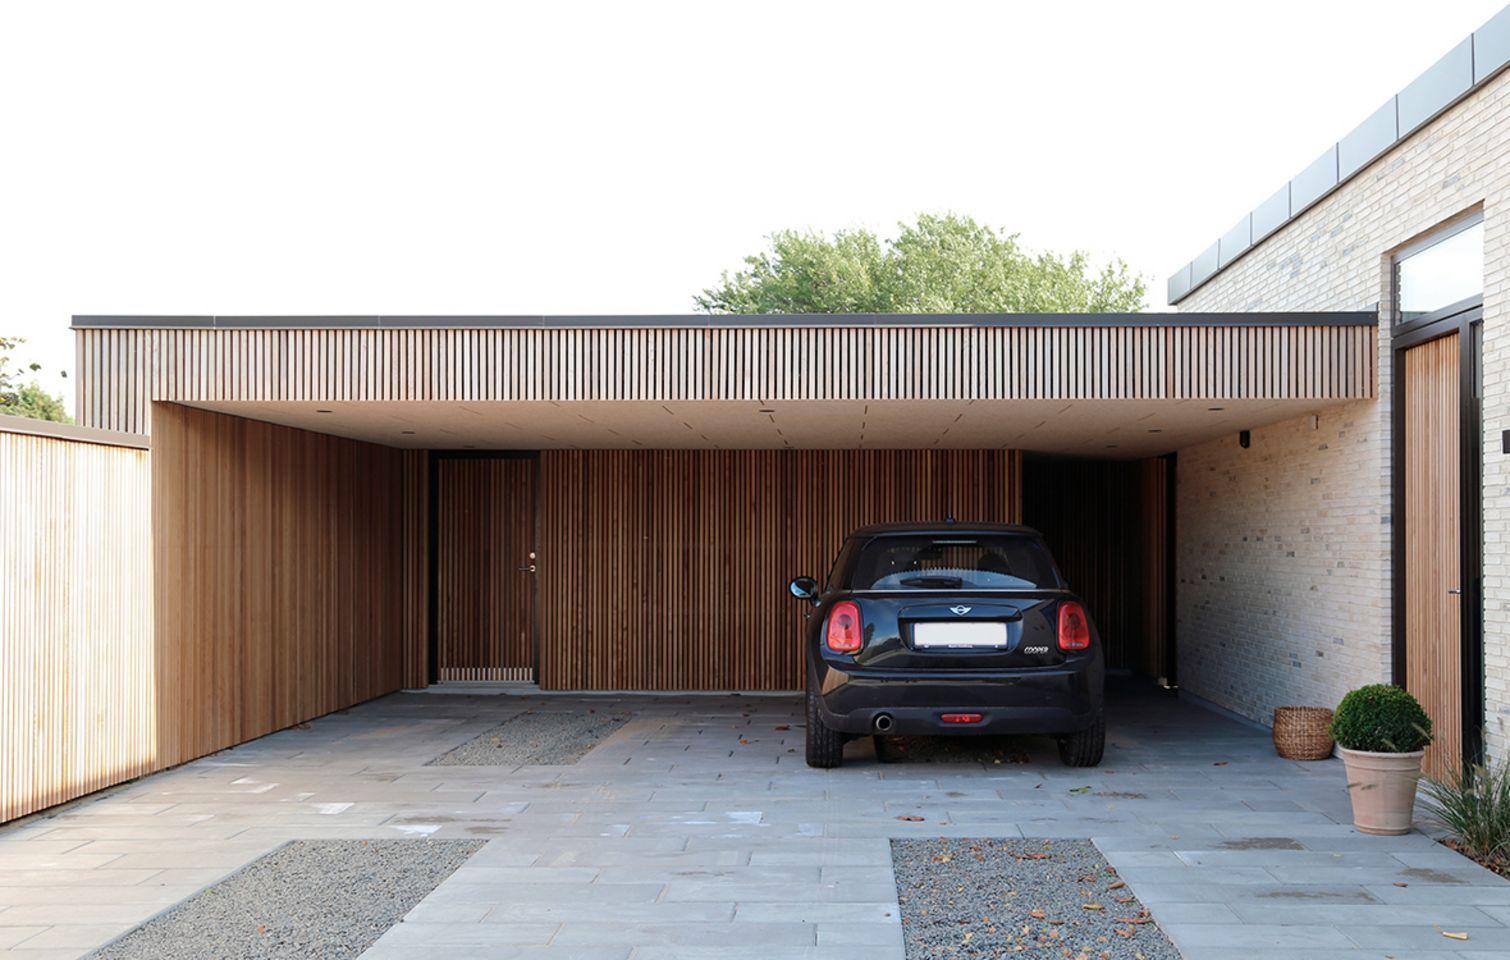 Ny carport til dit hus Få inspiration her i 2020